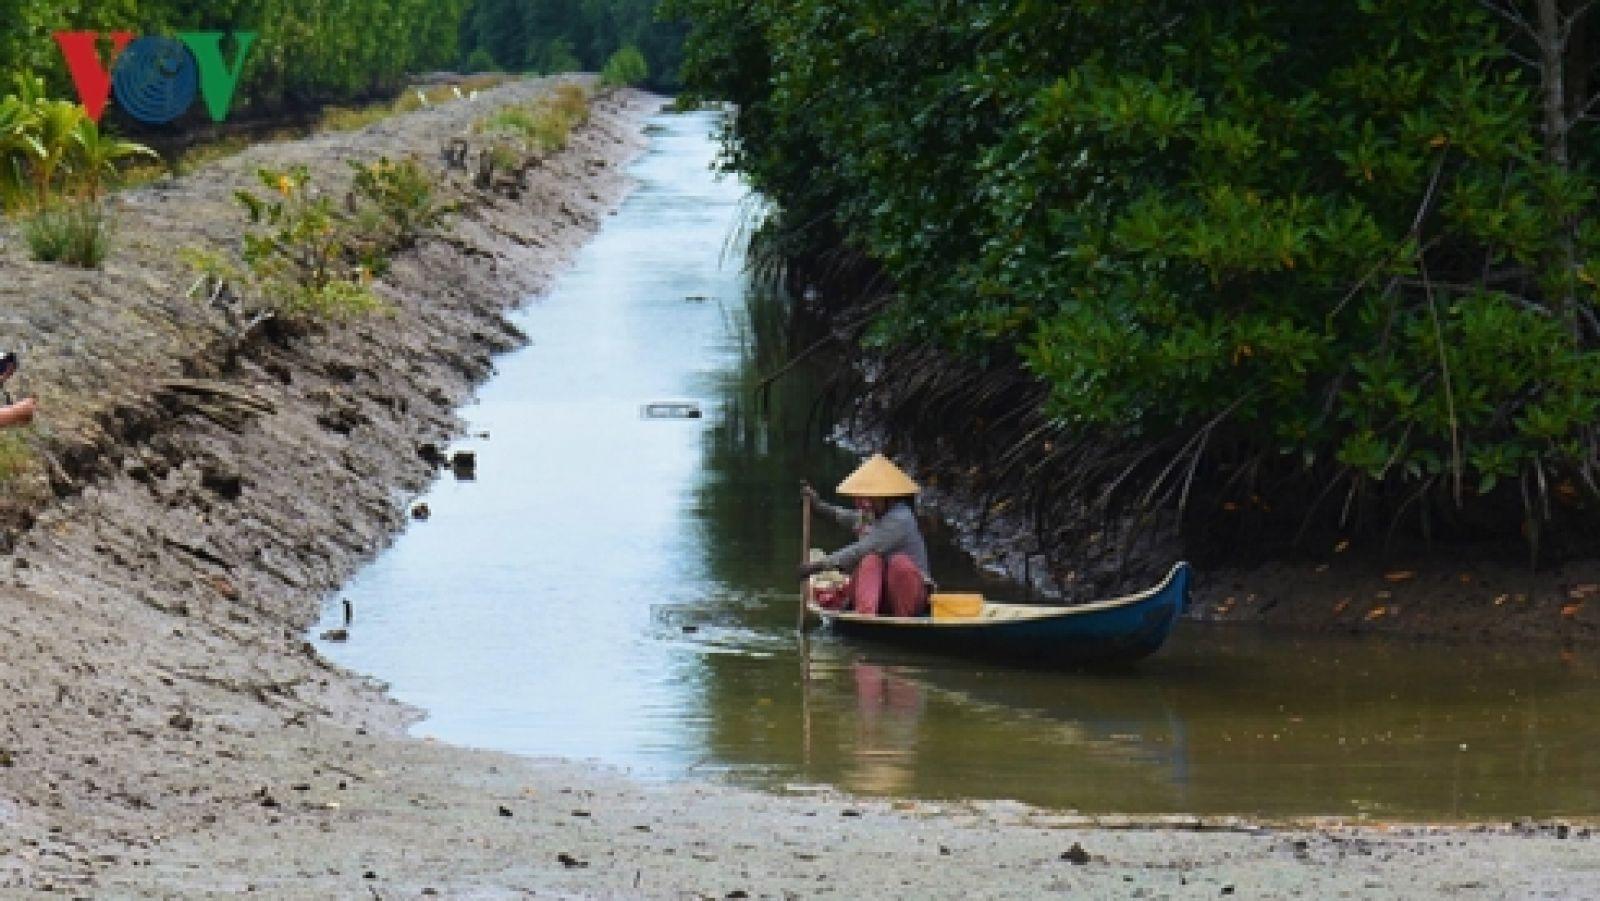 Mô hình nuôi tôm sinh thái dưới tán rừng được công nhận các chuẩn quốc tế, giúp nâng cao giá trị con tôm.